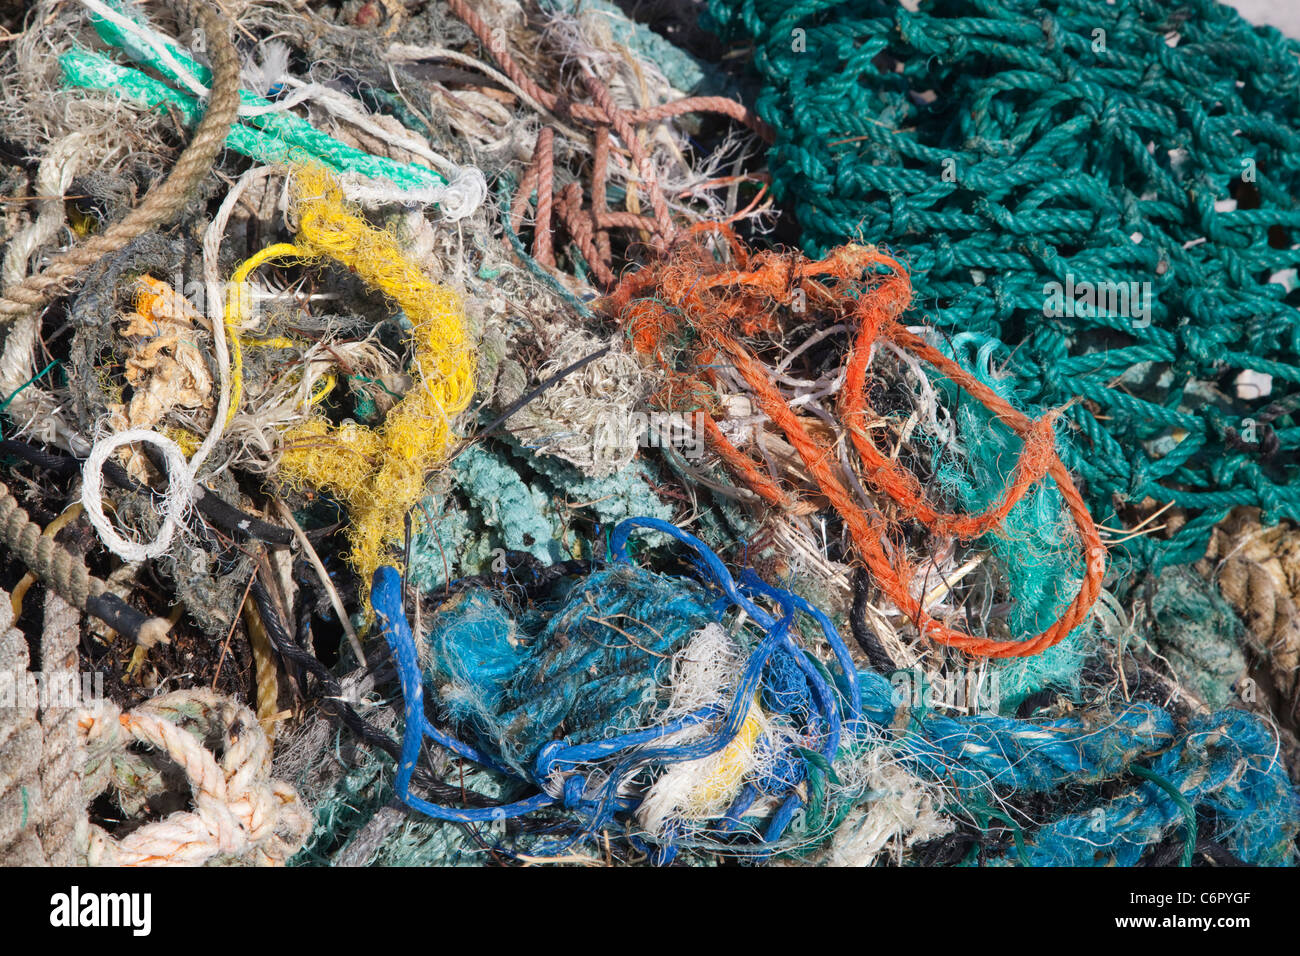 Redes y sogas de plástico recogidos en una isla del Pacífico Norte por los turistas para evitar daños a las aves marinas u otros animales salvajes Foto de stock